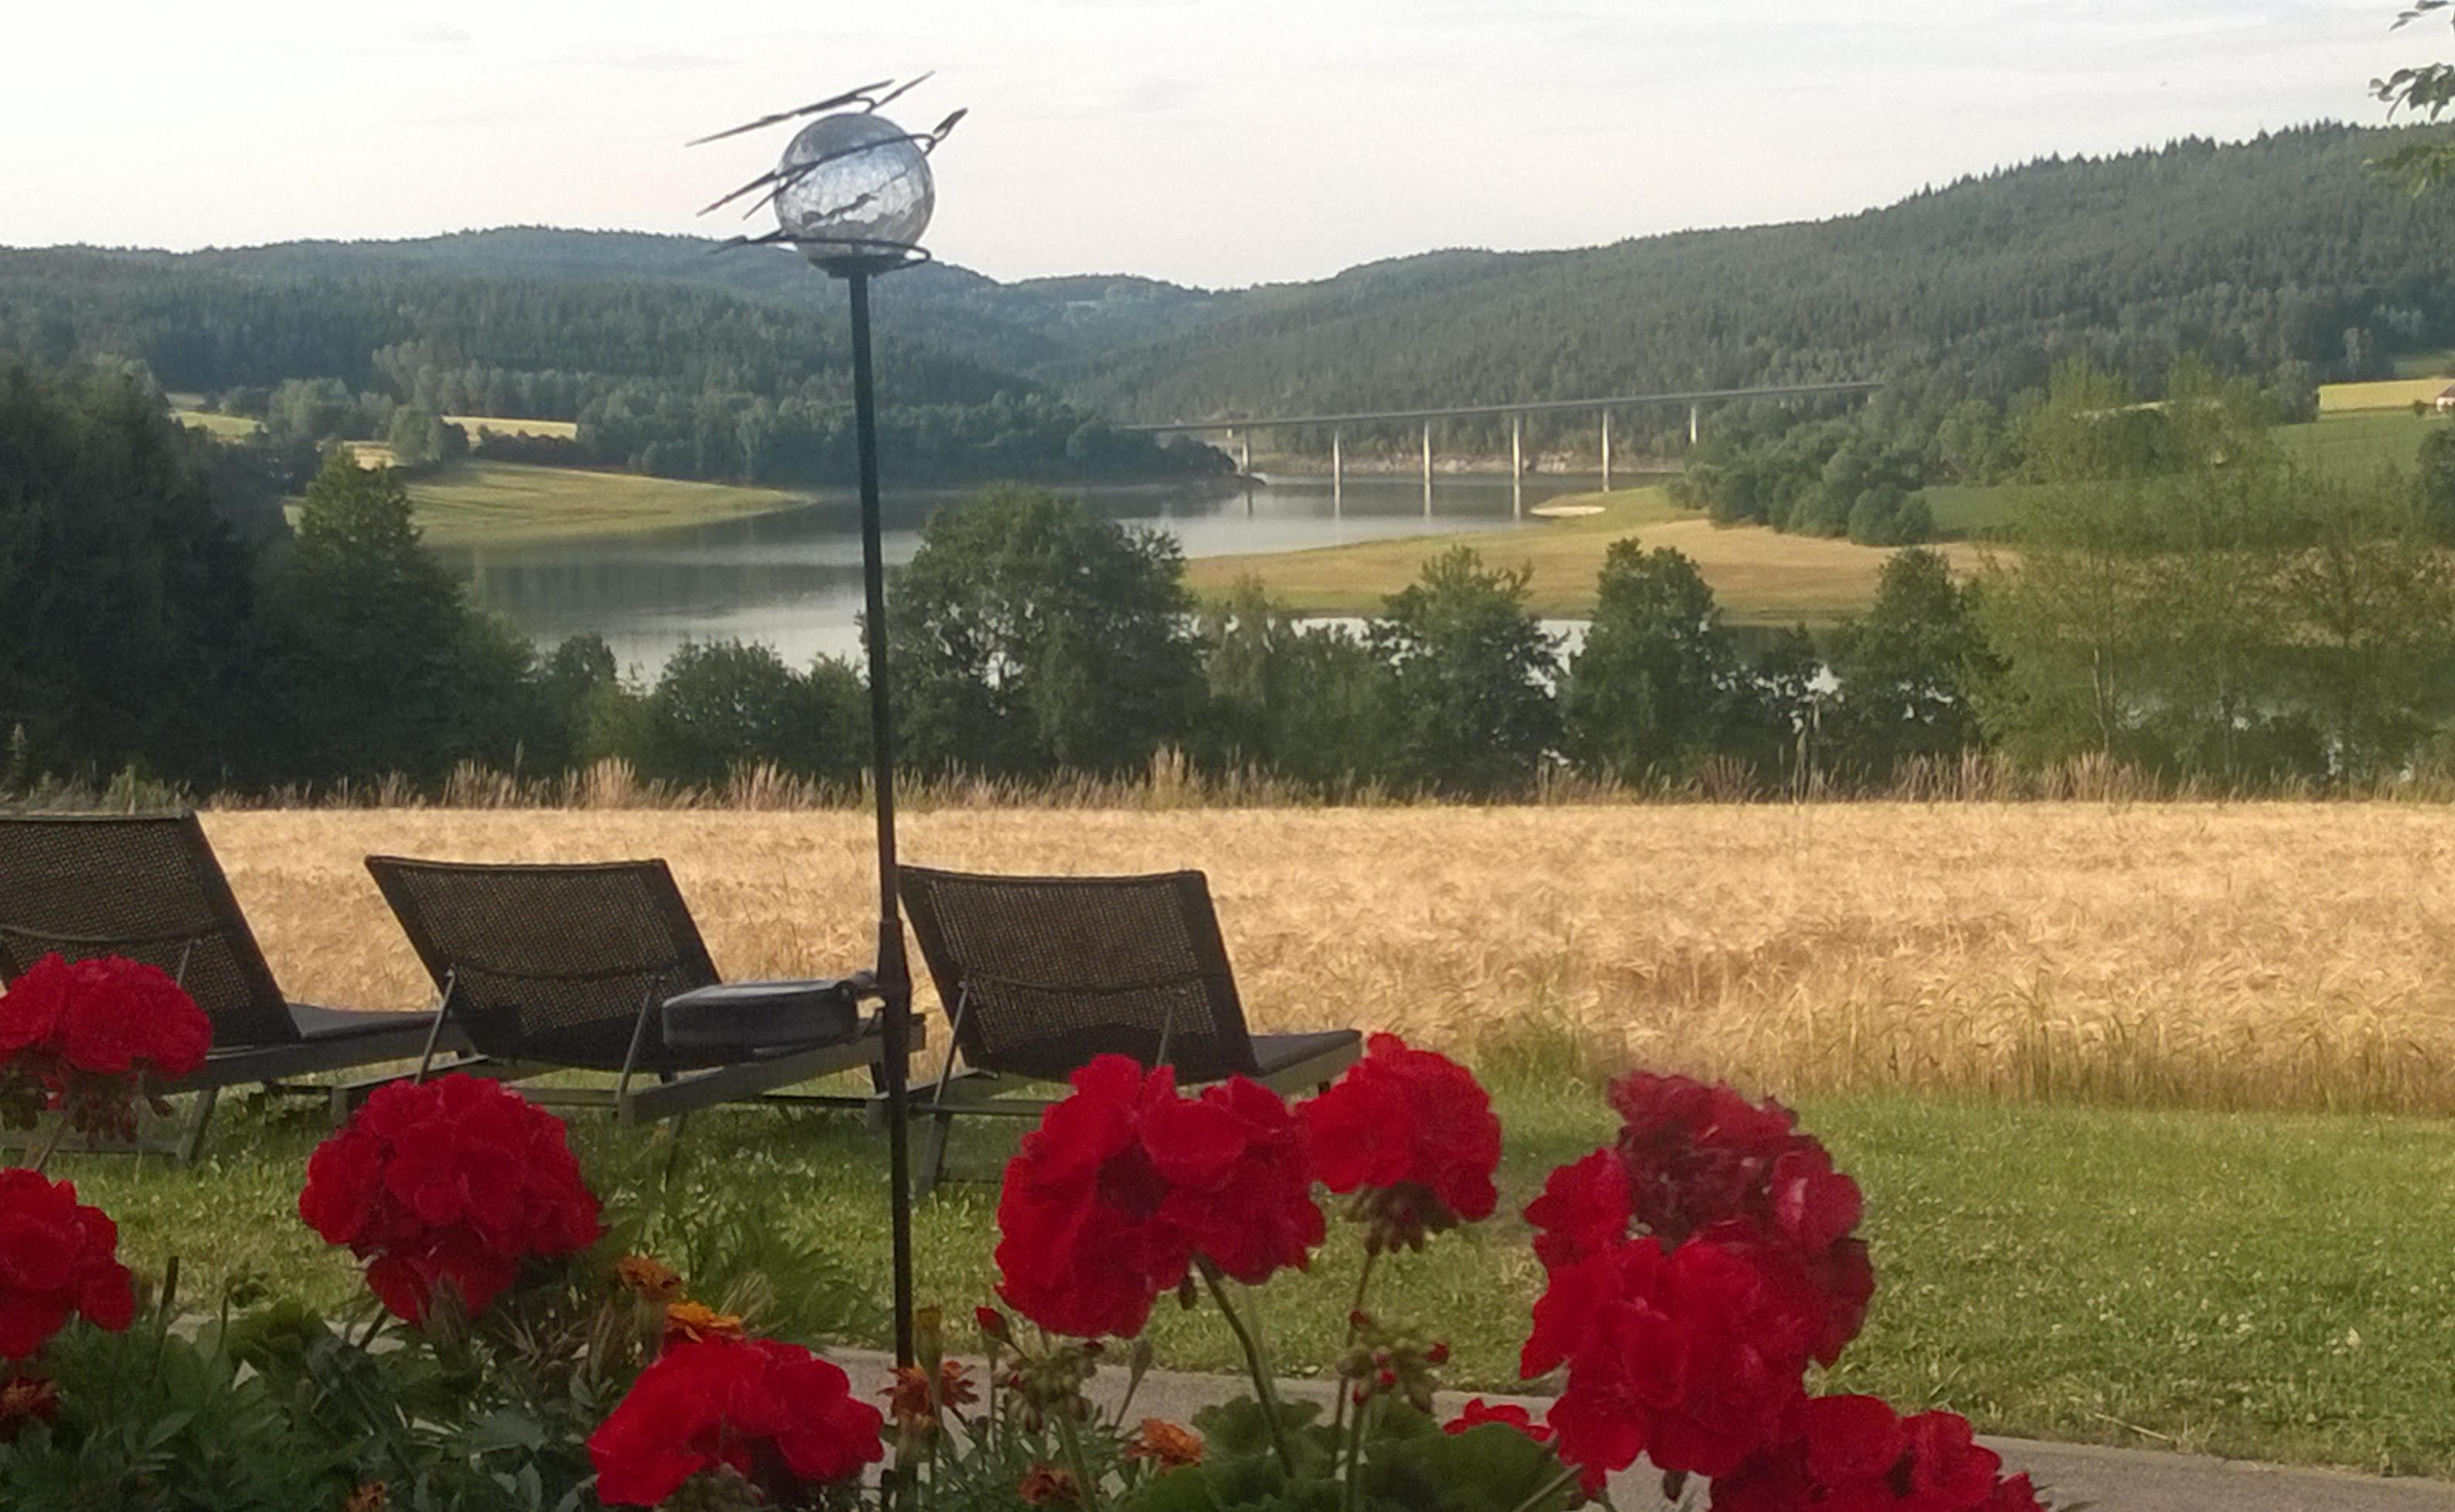 Vista desde la terraza-comedor del hotel Panorama am See